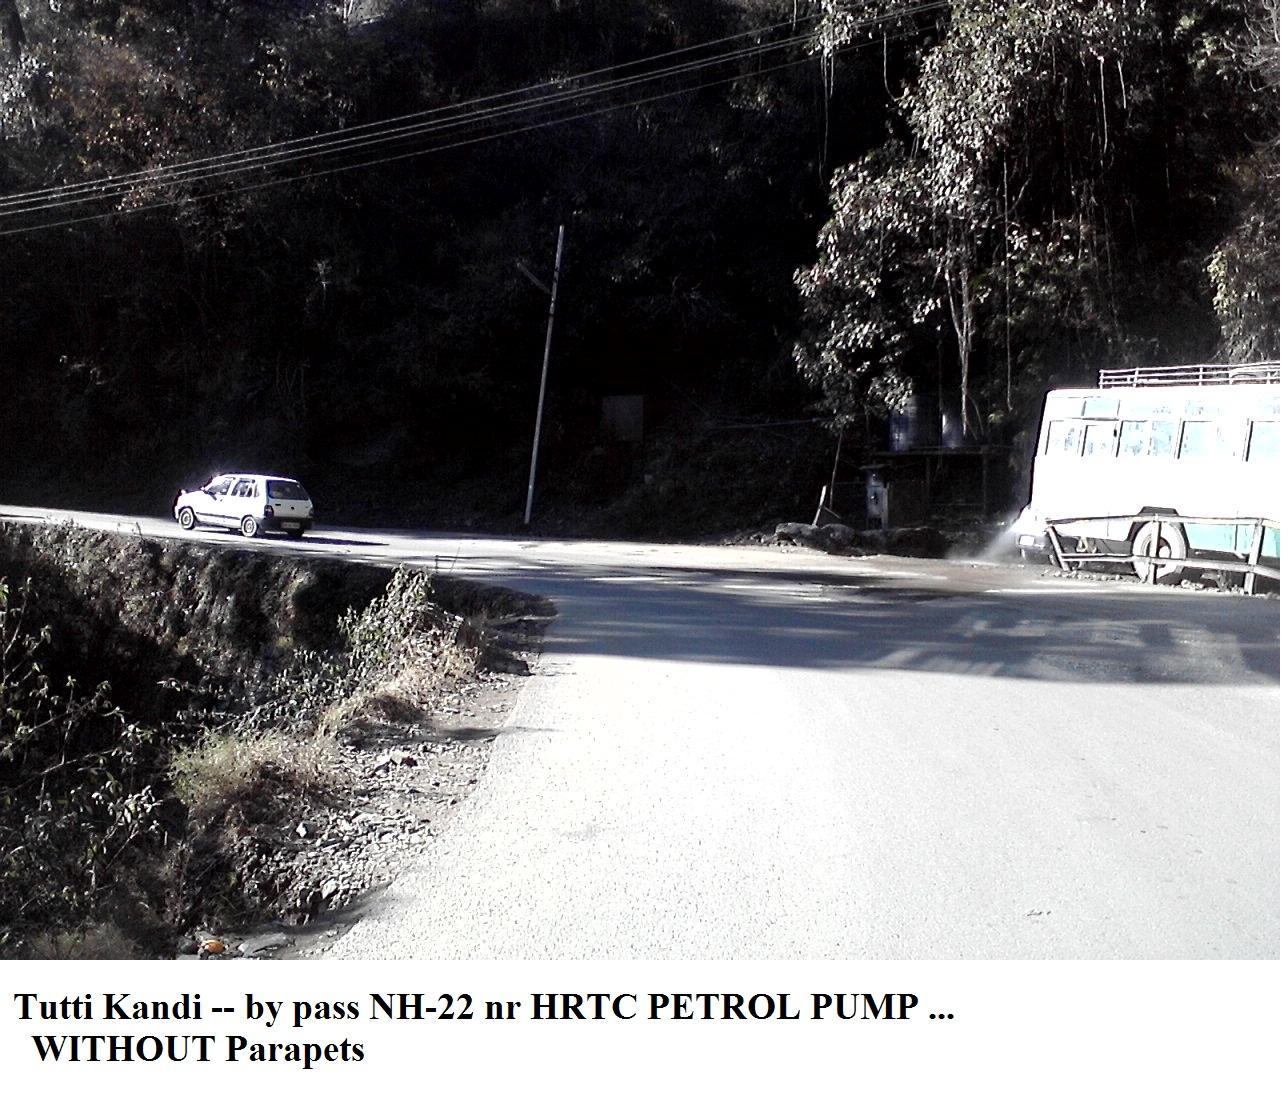 Nr Tutti Kandi HRTC Petrol Pump